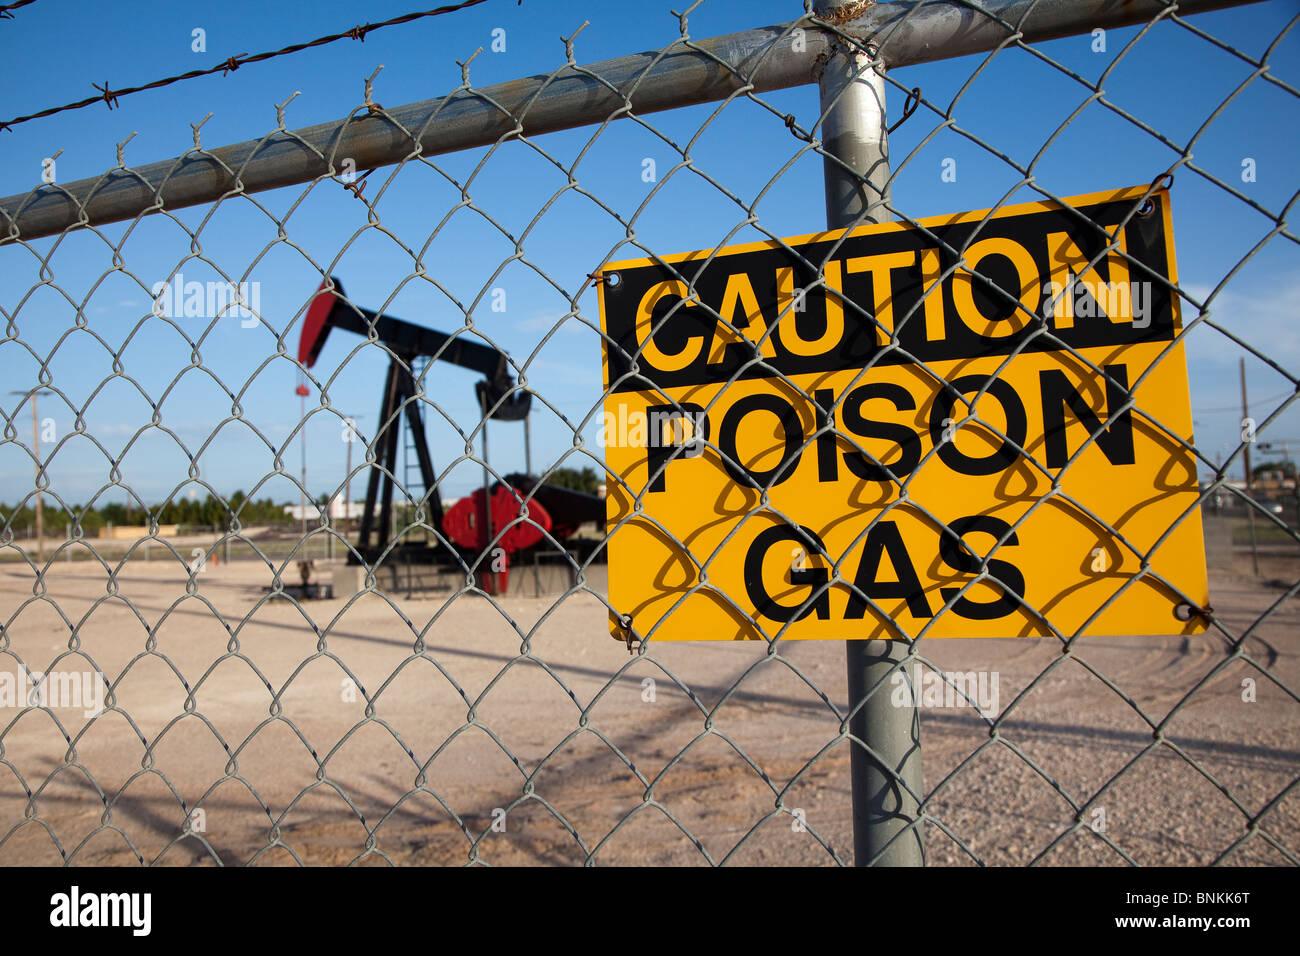 Attenzione Gas asfissianti segno sul recinto intorno a pompa olio annuendo jenny Monahan Texas USA Immagini Stock